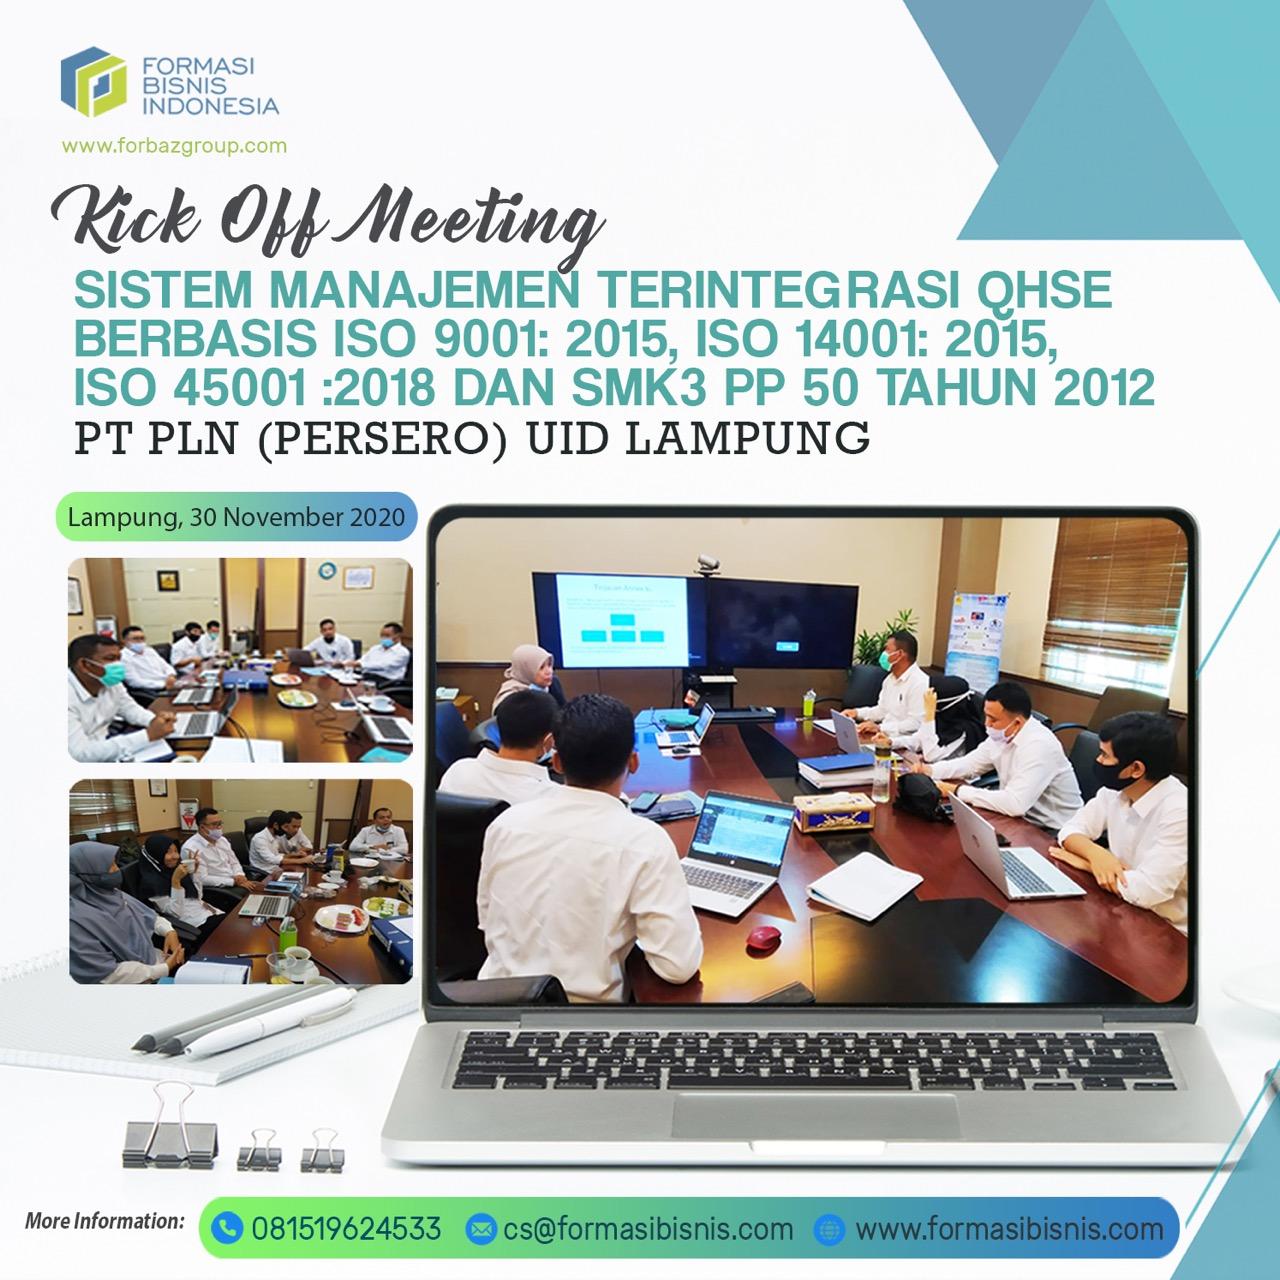 Kick Off Meeting Integrasi QHSE Berbasis ISO 9001, ISO 14001, ISO 45001 dan SMK3 PT PLN UIP Sembalang